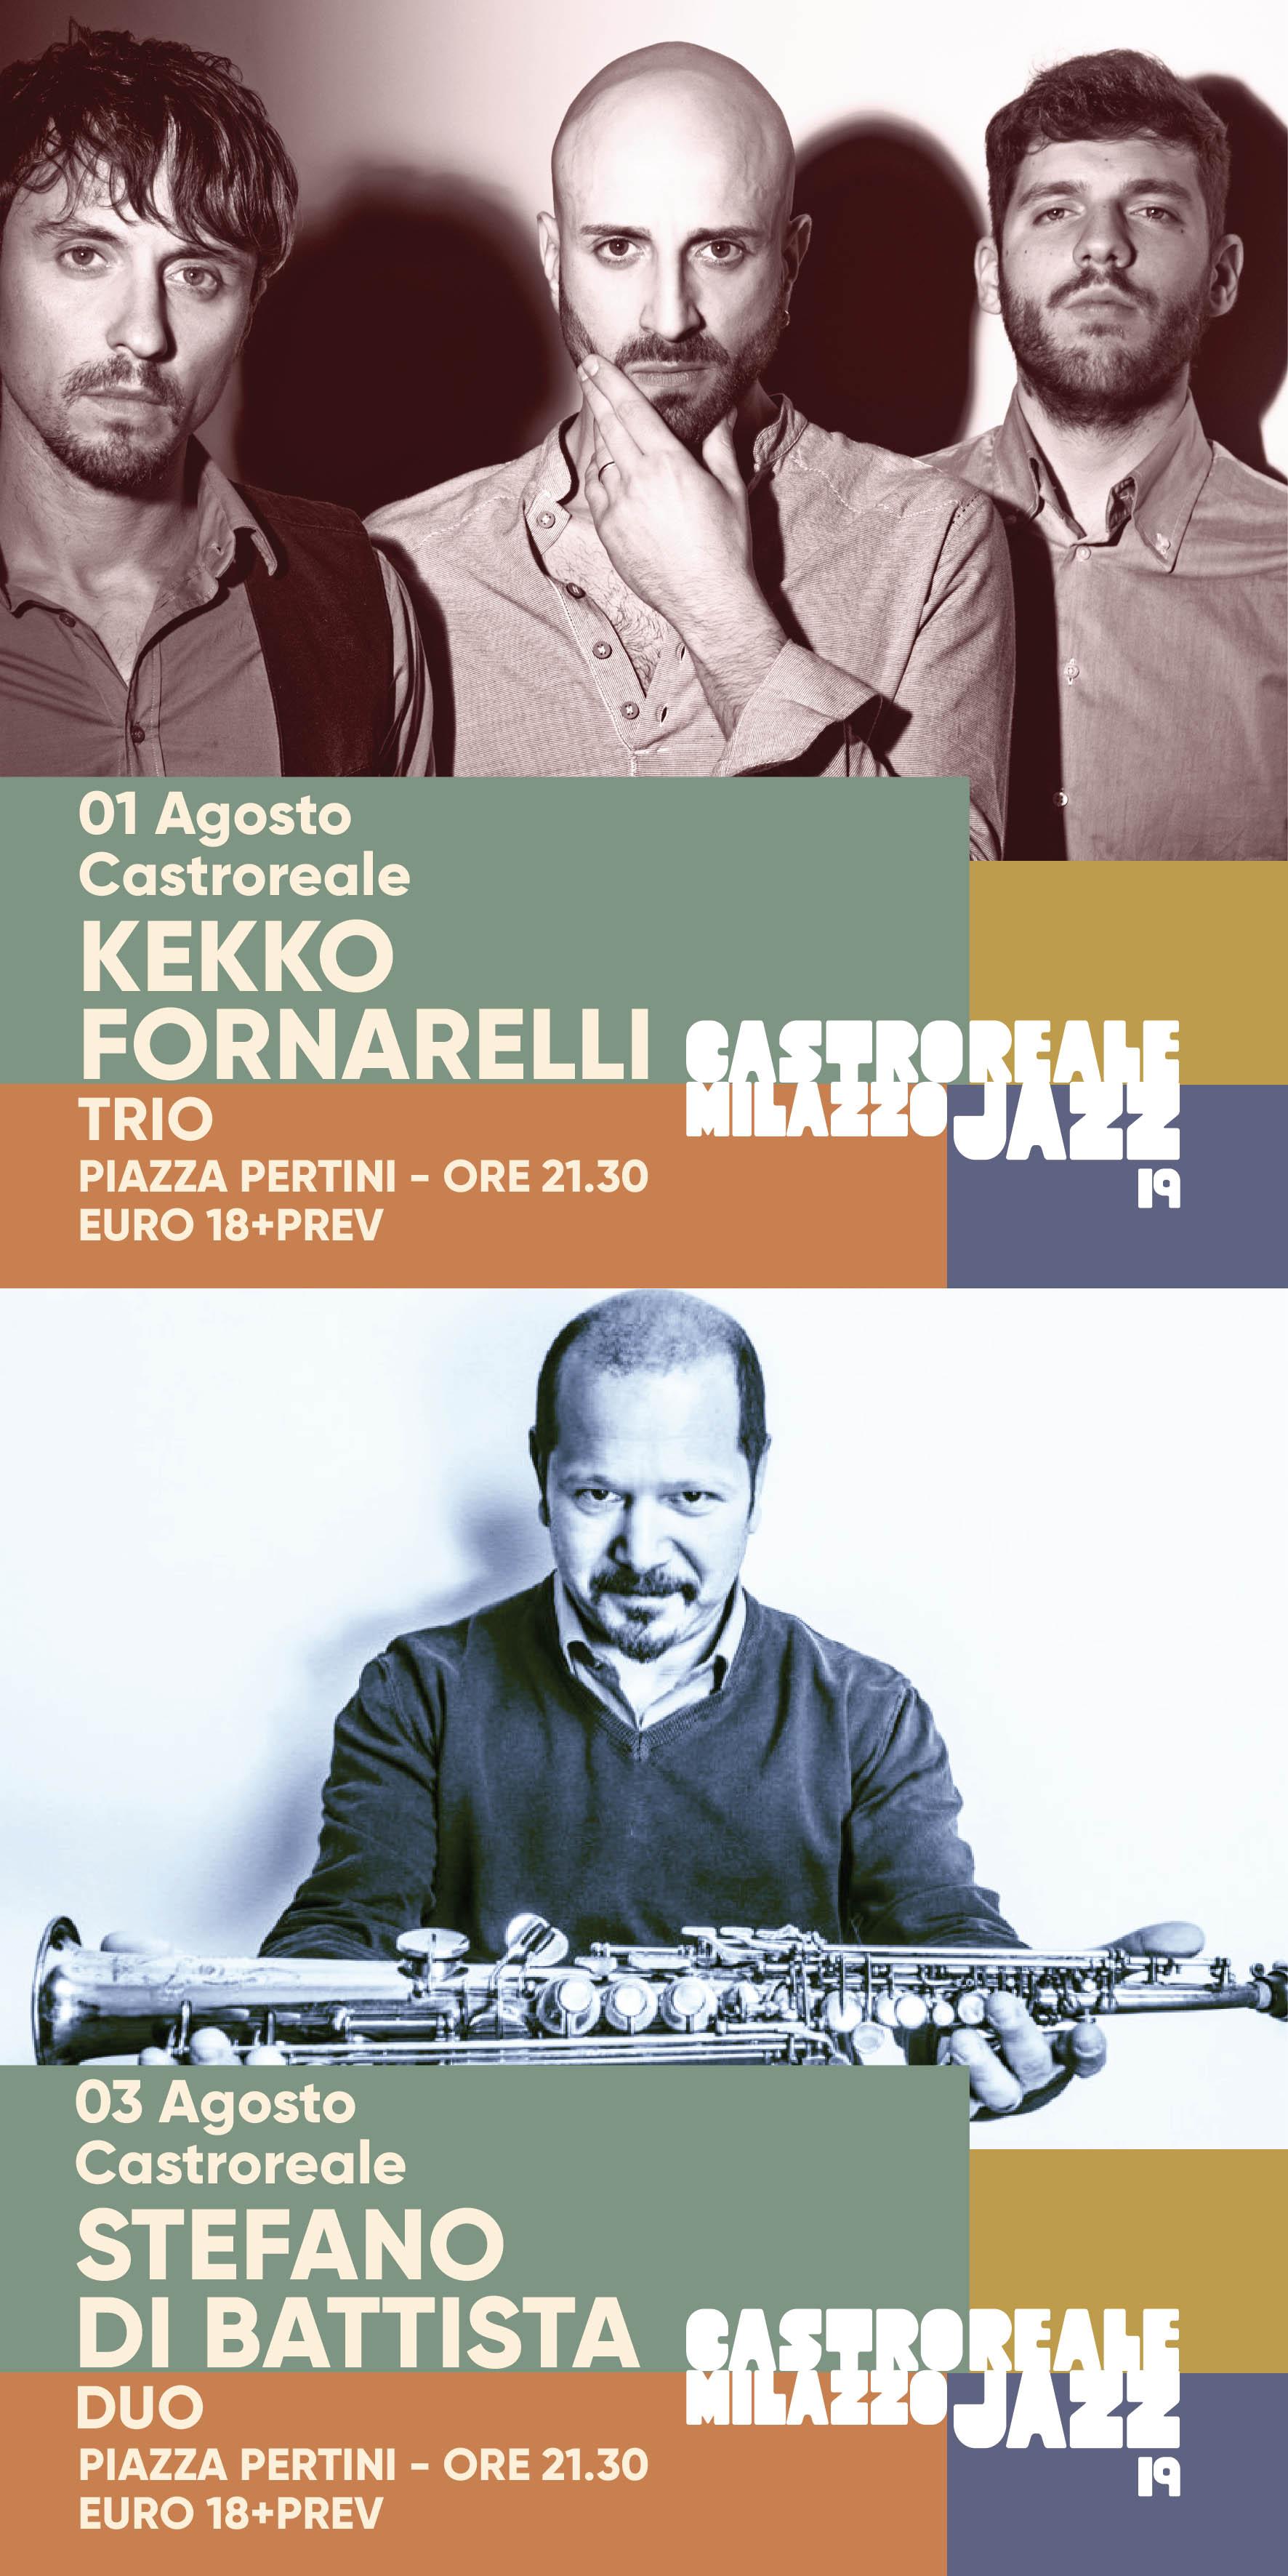 CastrorealeMilazzo Jazz Festival 2019, primo concerto del cartellone di artisti di grandissimo prestigio internazionale